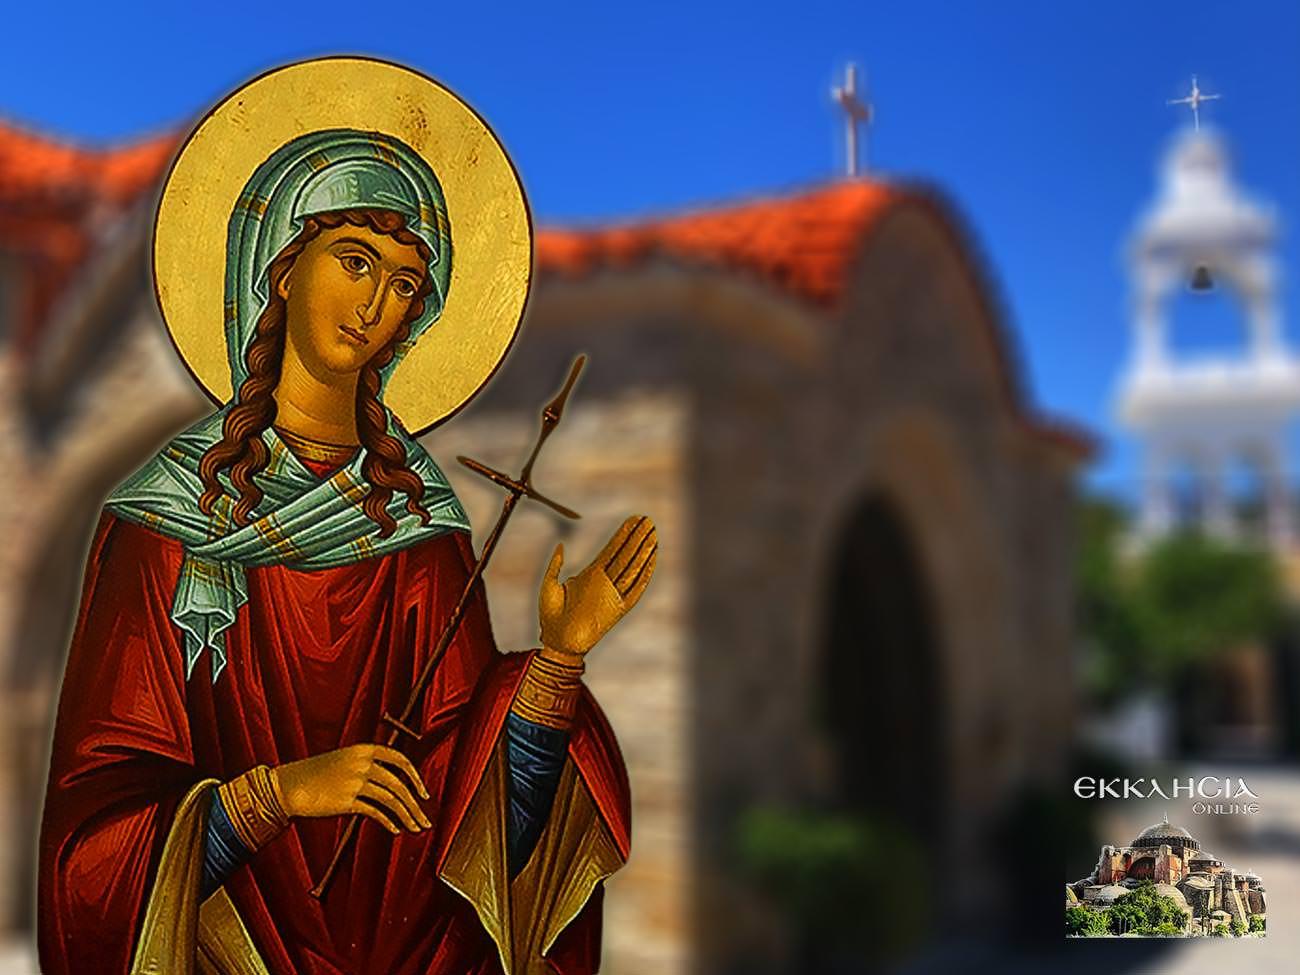 Άγιοι Ευλάμπιος και Ευλαμπία 10 Οκτωβρίου